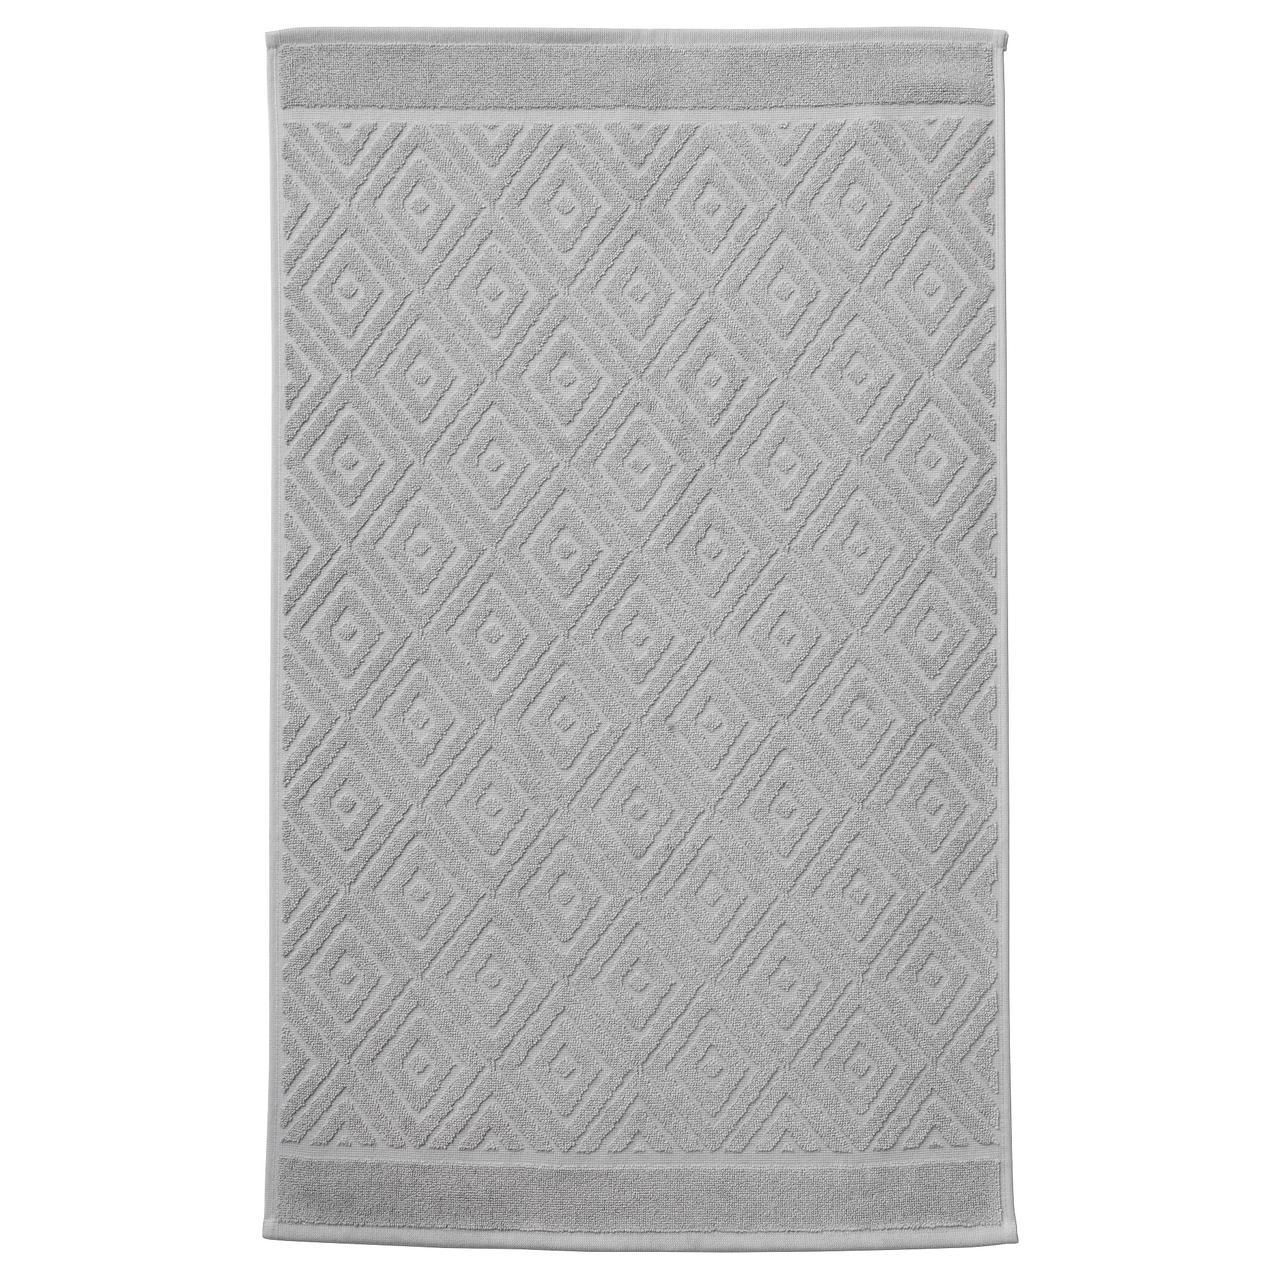 IKEA FALAREN (403.395.51) Коврик для ванной, средний серый